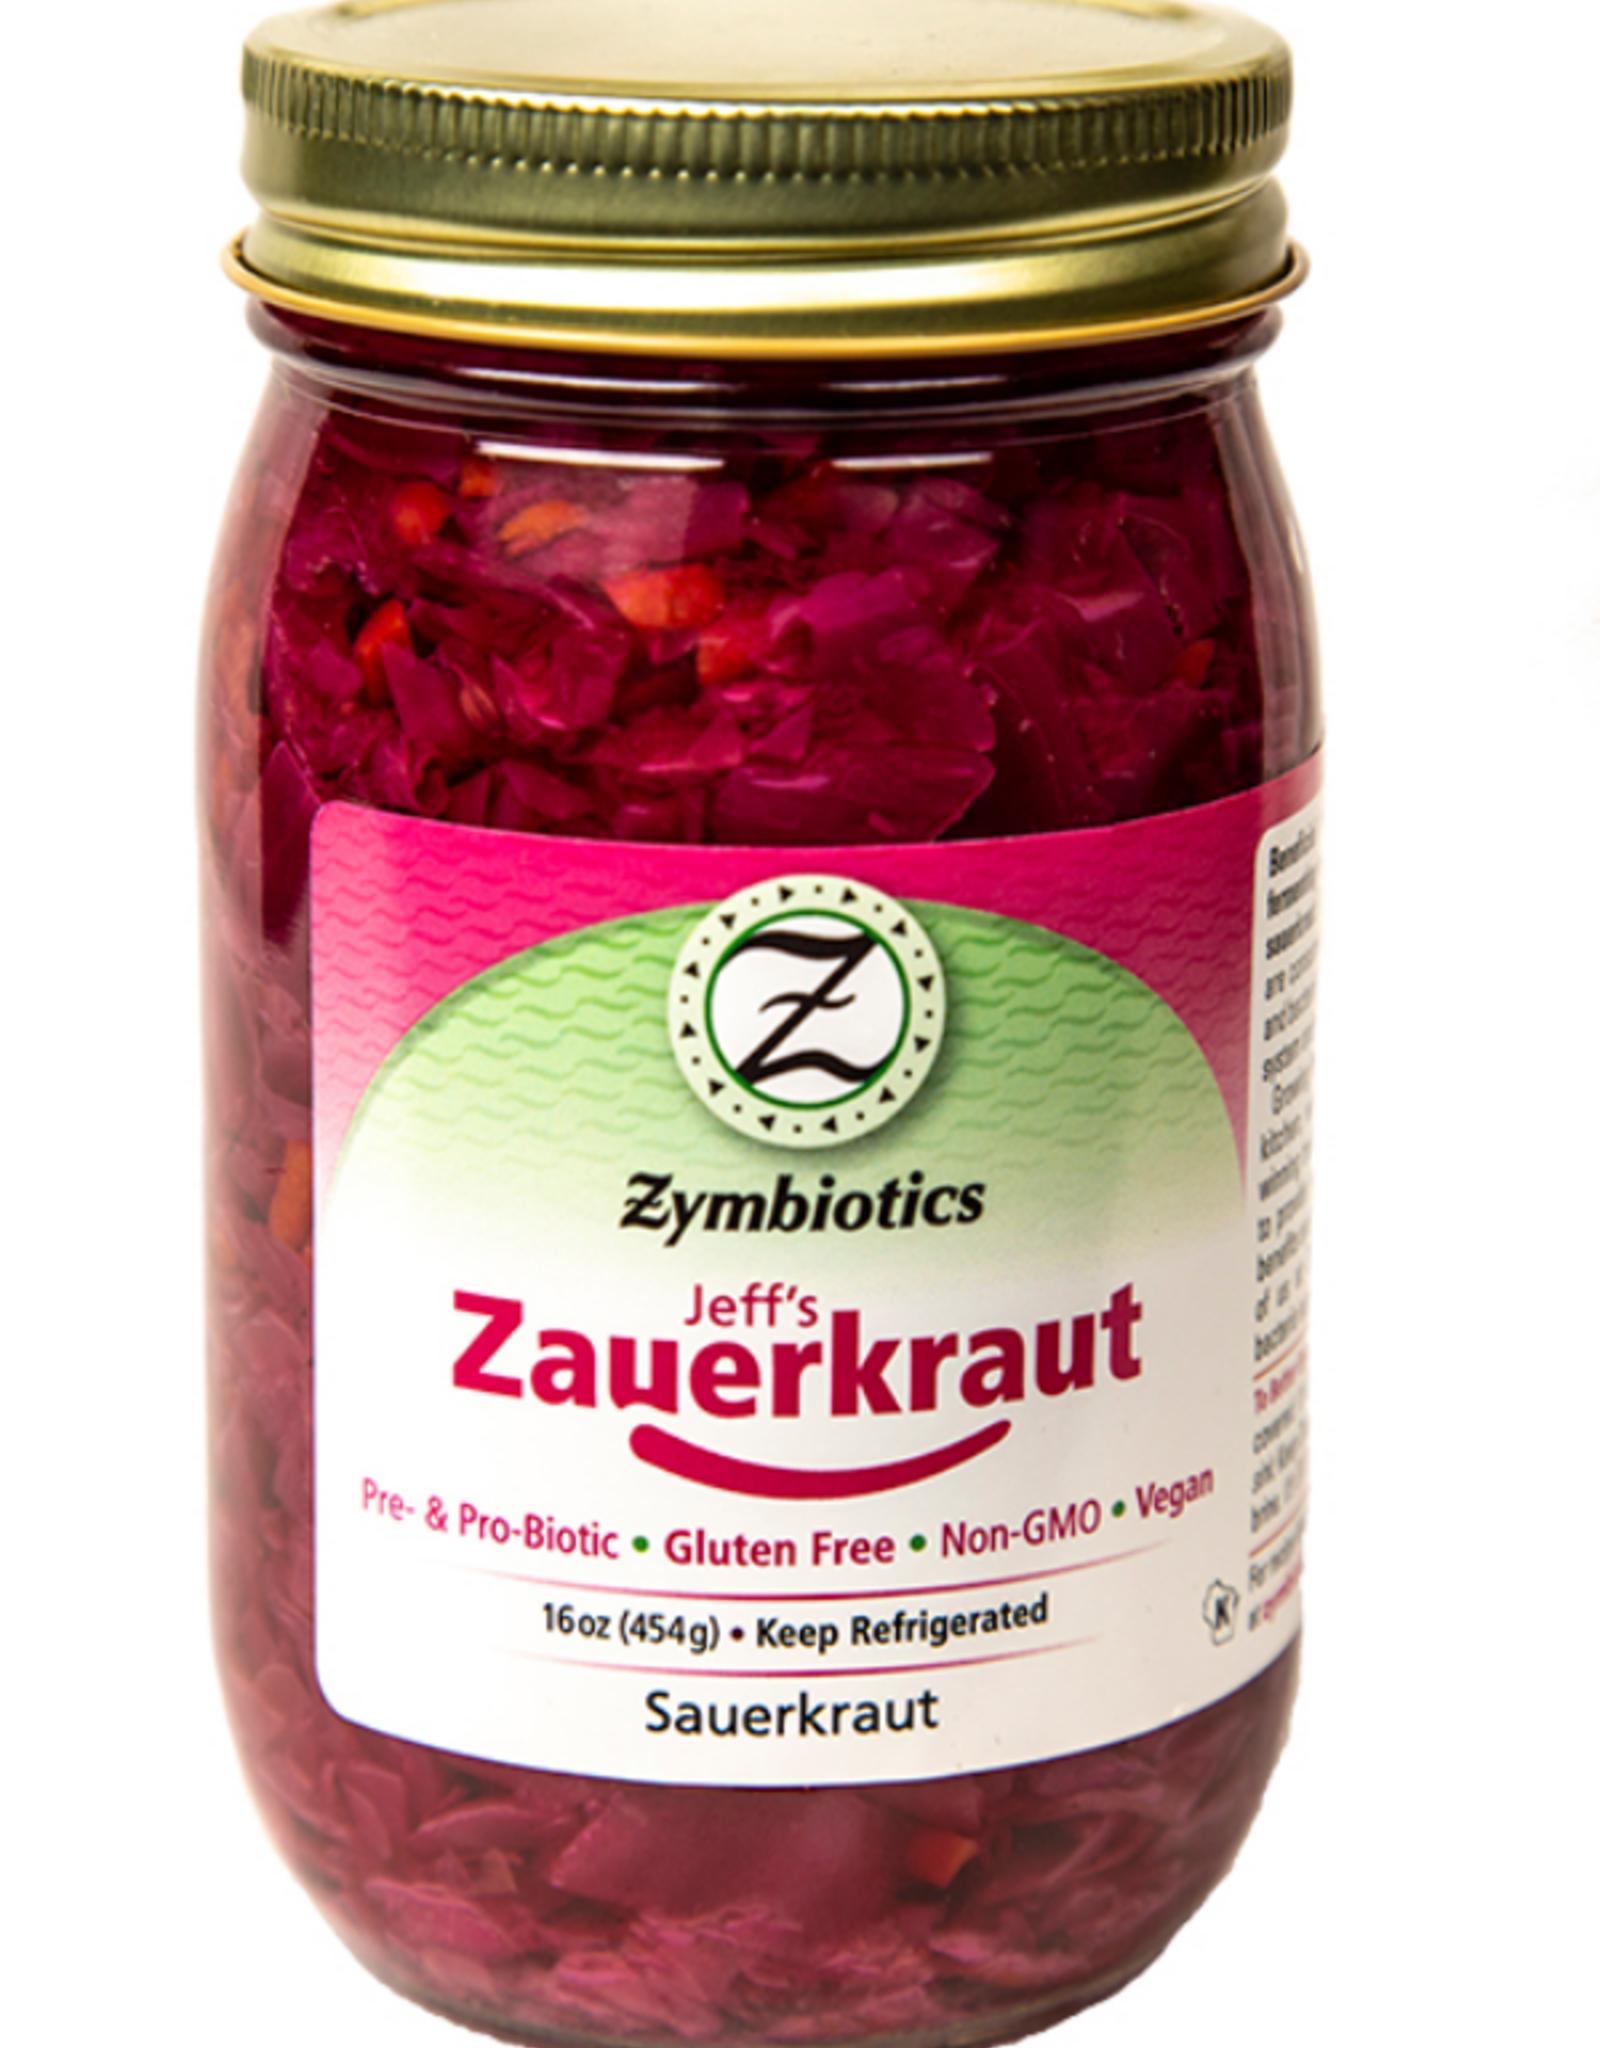 Zymbiotics Zymbiotics Jeff's Zauerkraut